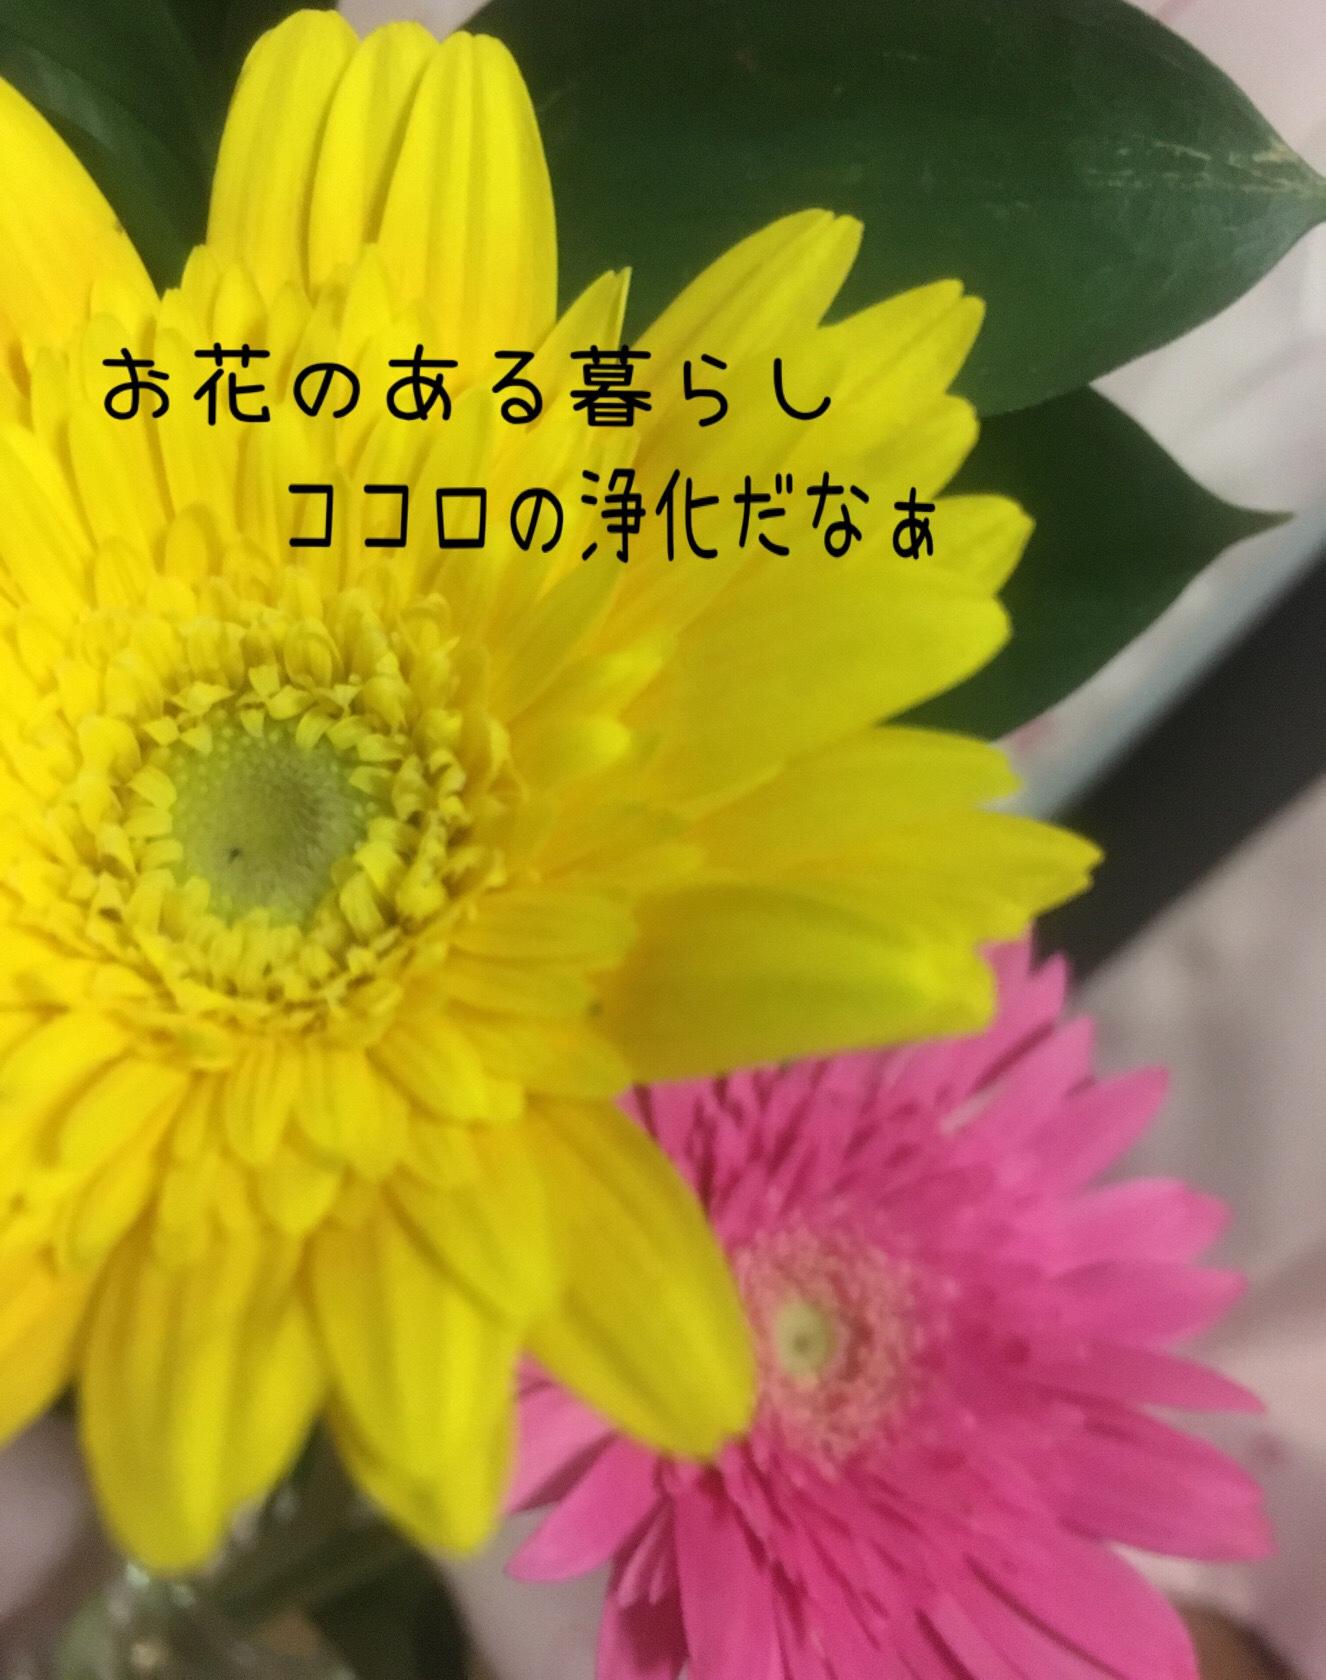 記事に書いた一輪挿しの黄色のガーベラ写真